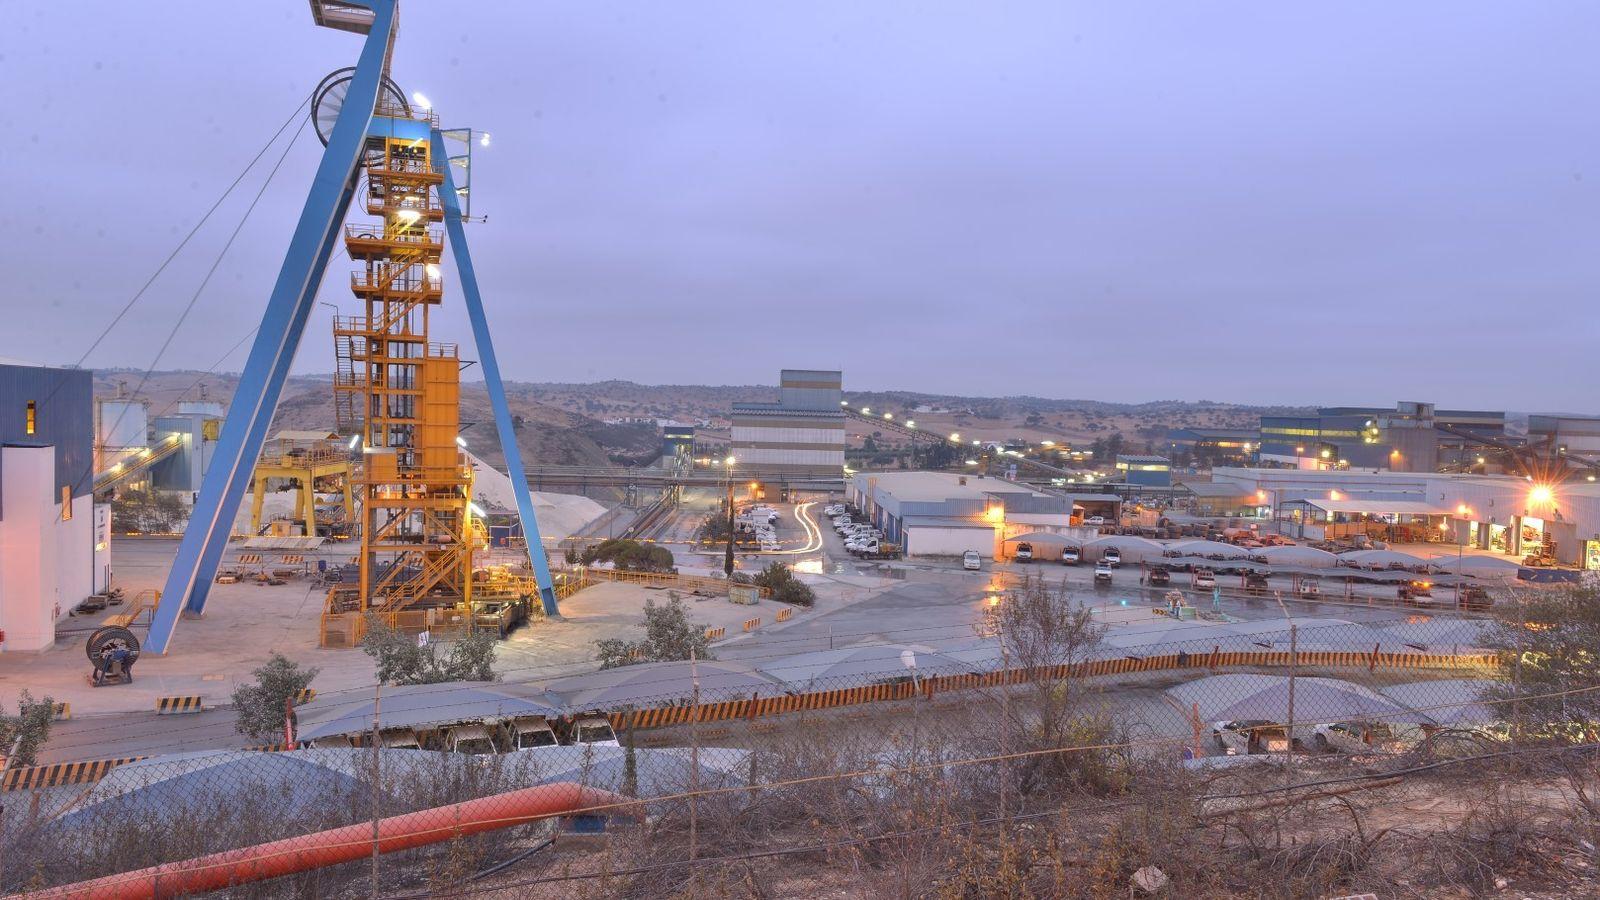 Vista panorâmica do complexo mineiro de Neves-Corvo com o poço de Santa Bárbara em destaque.